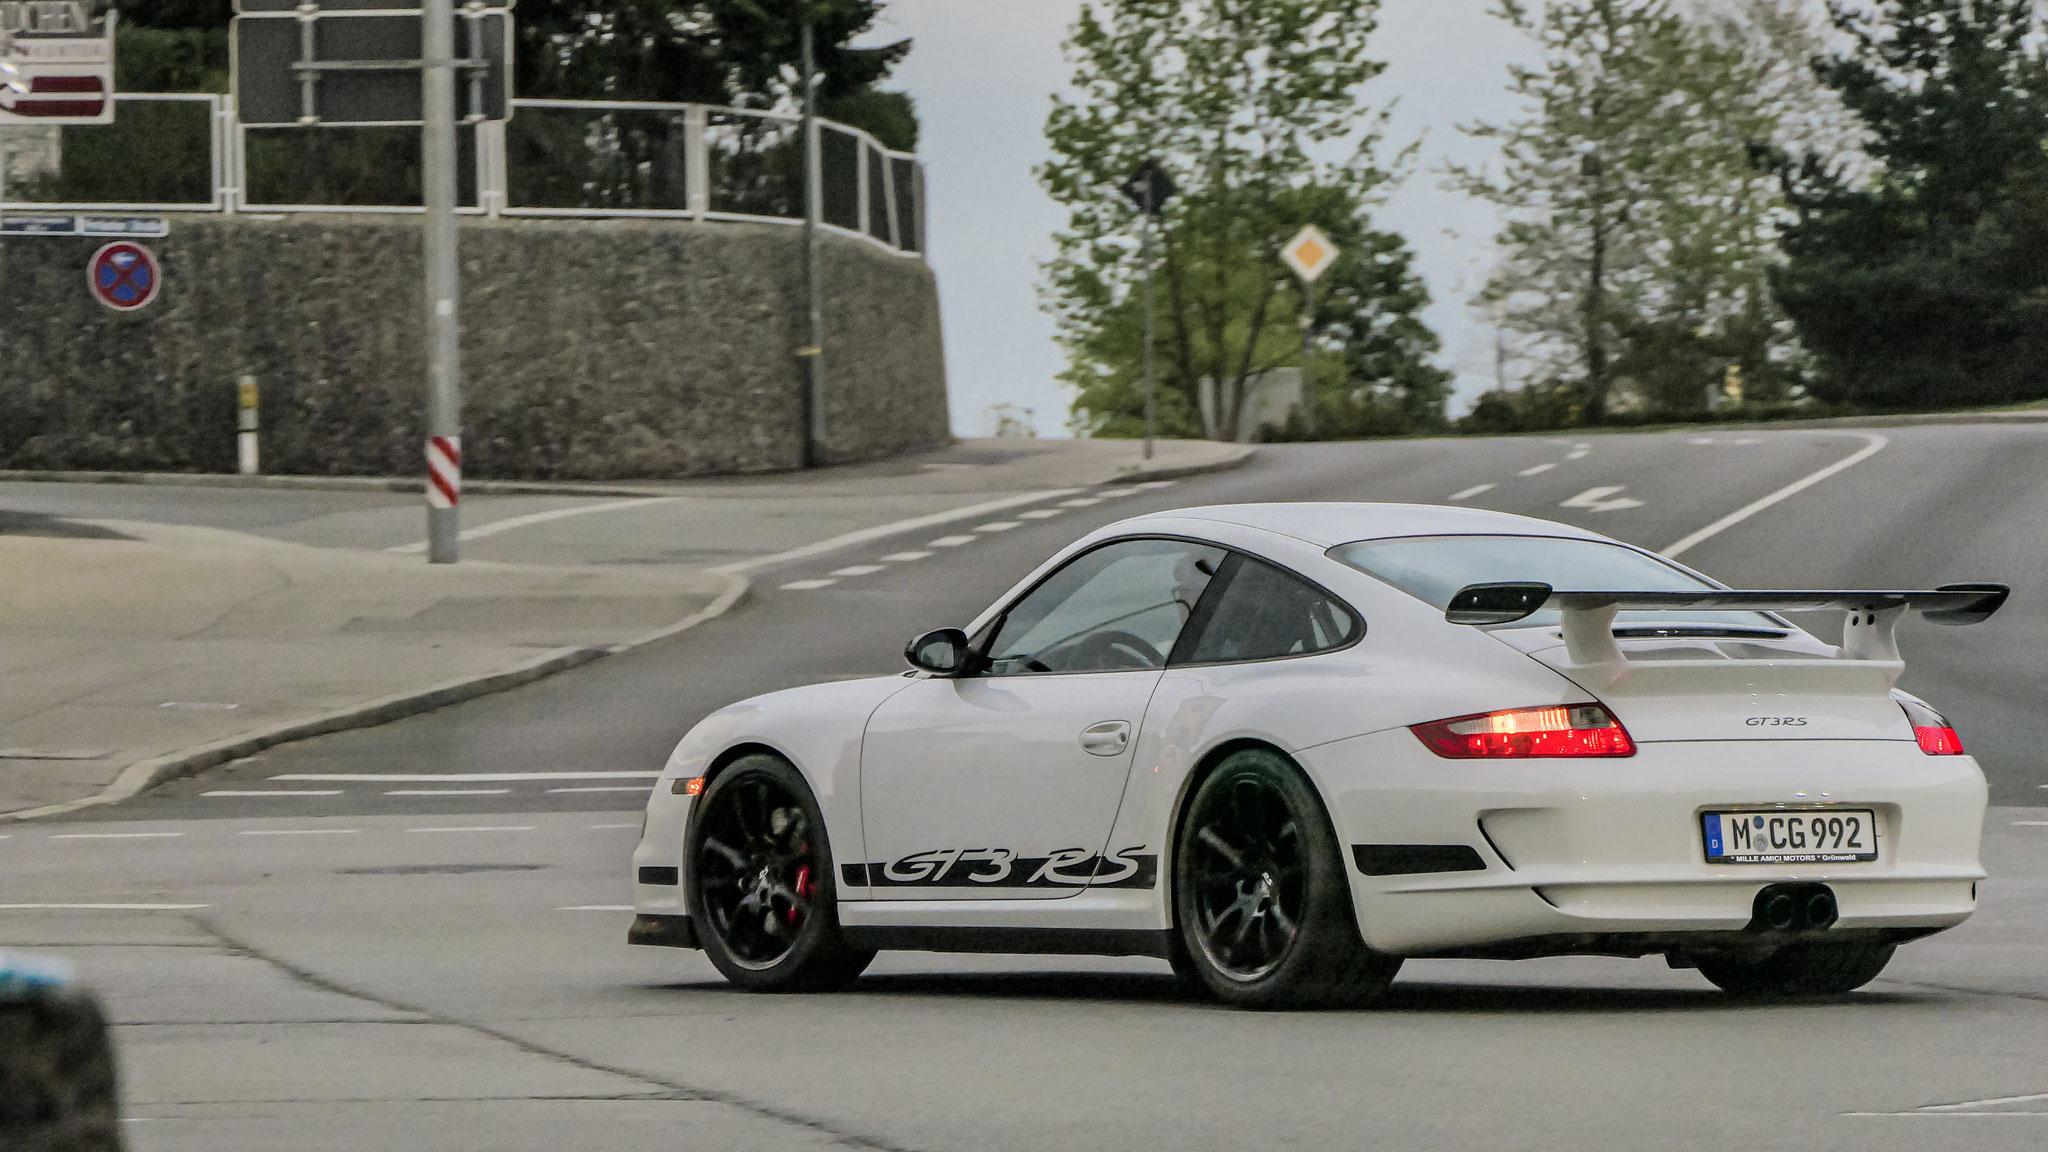 Porsche 911 GT3 RS - M-CG-992